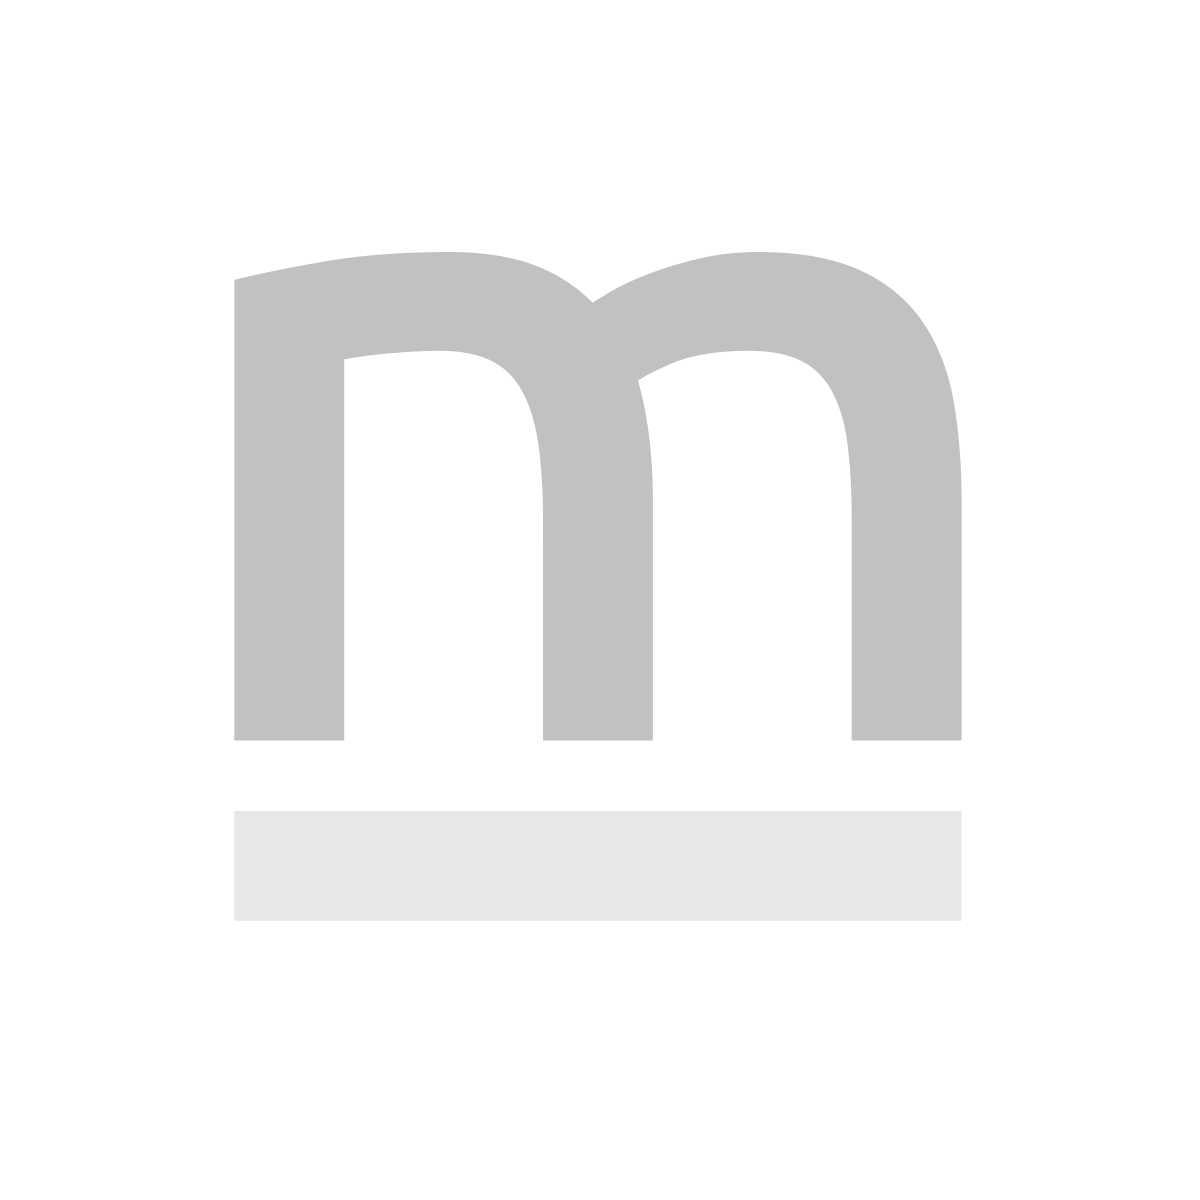 Fototapeta - Diamentowy korytarz (szary)